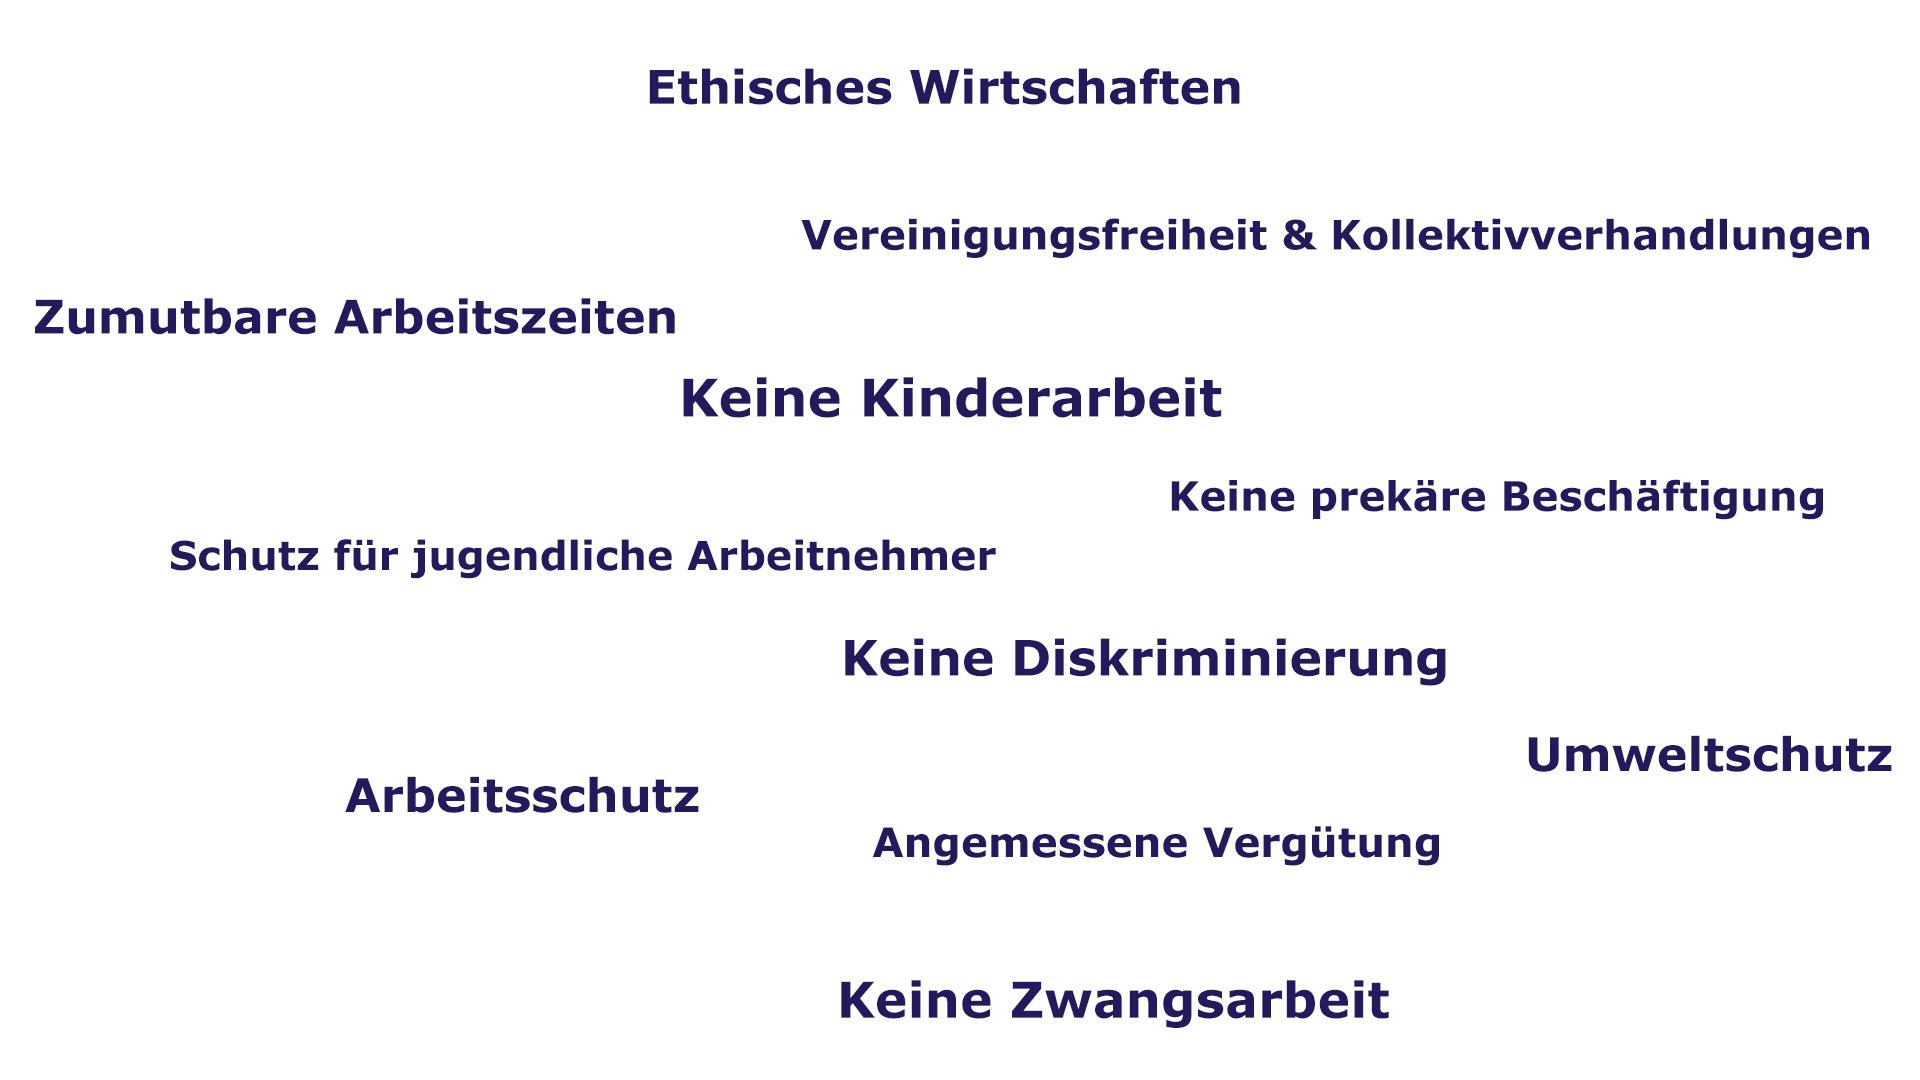 Nachhaltigkeit_Prinzipien_soziale_Verantwortung